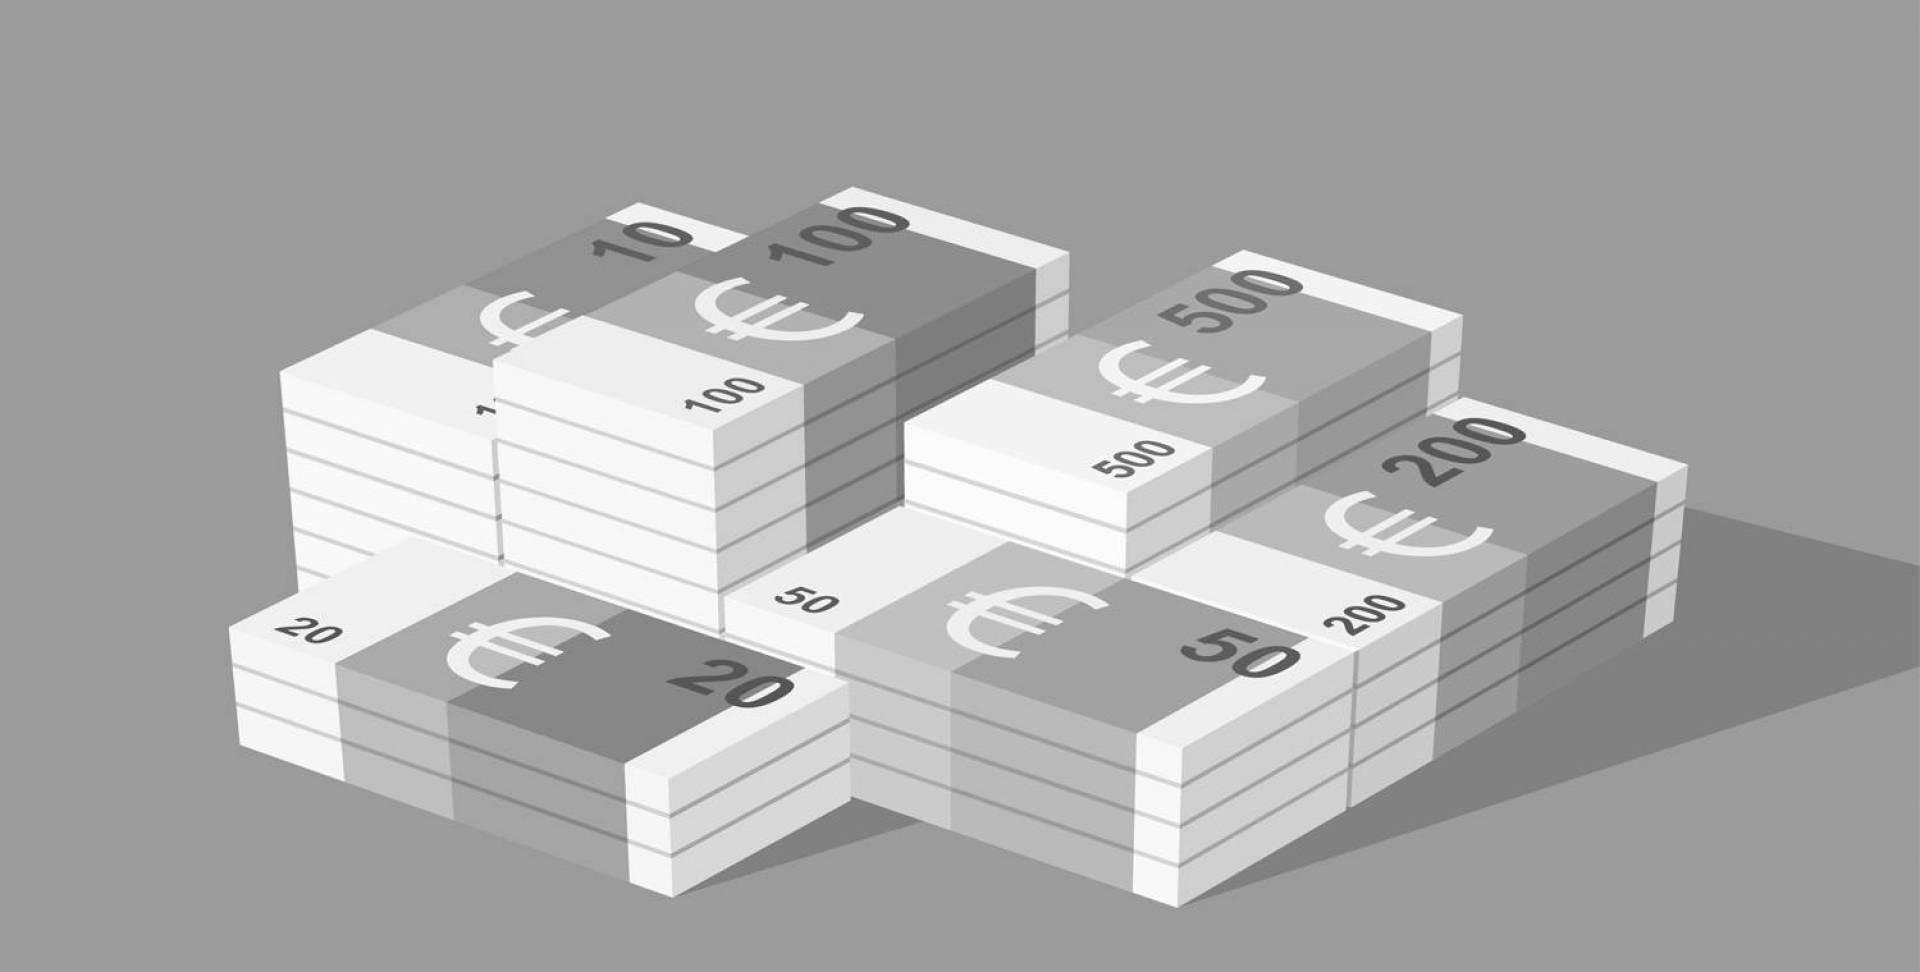 بعد 20 سنة على إطلاقه.. هل كان «اليورو» خطأ استراتيجياً؟